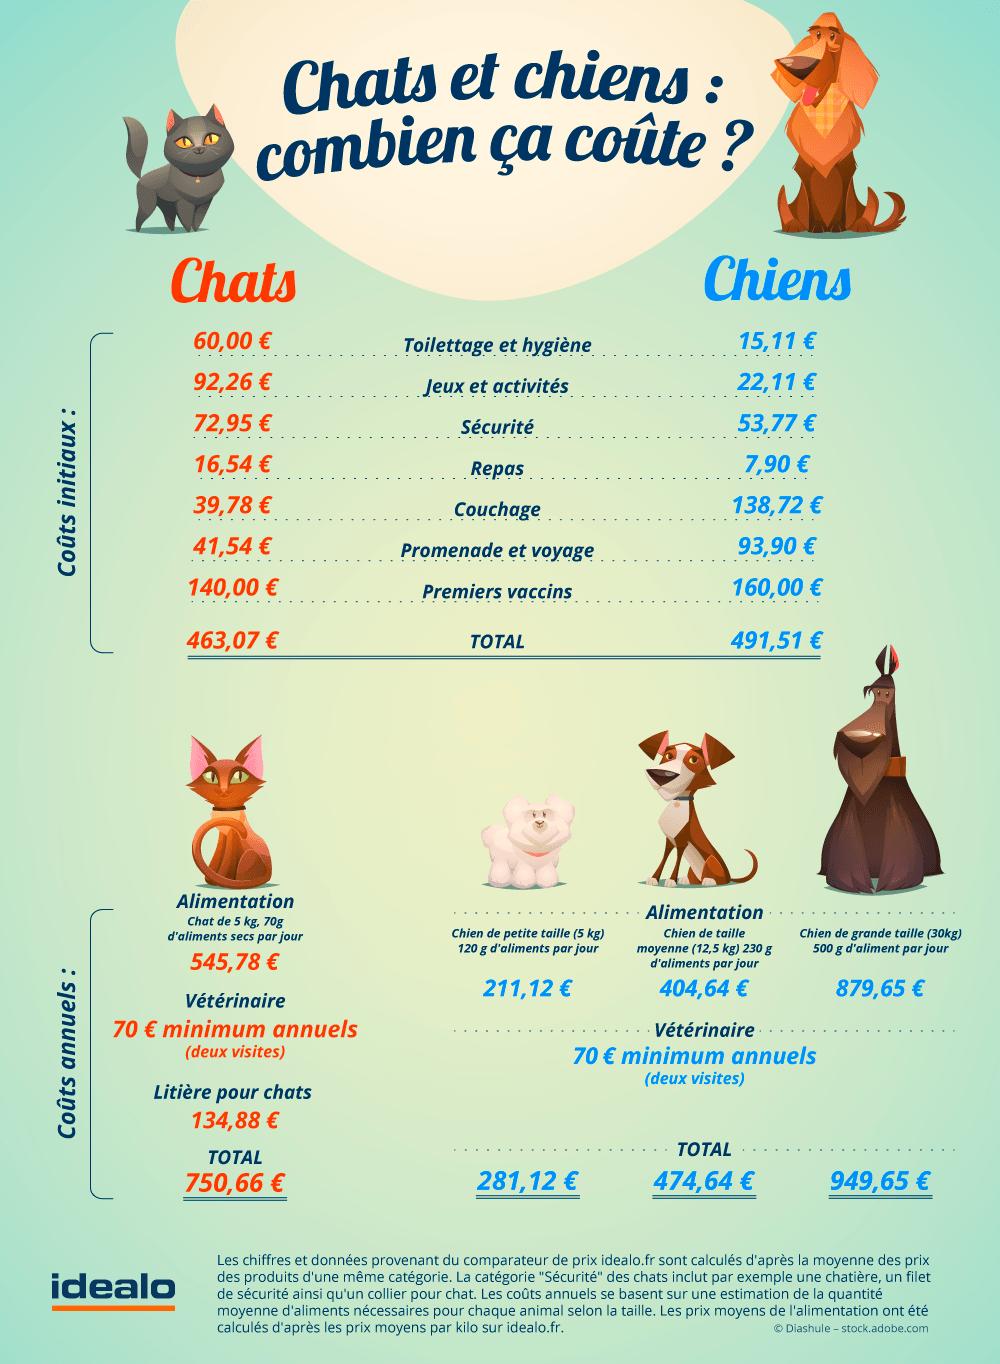 Infographie sur le coût d'un chien et d'un chat